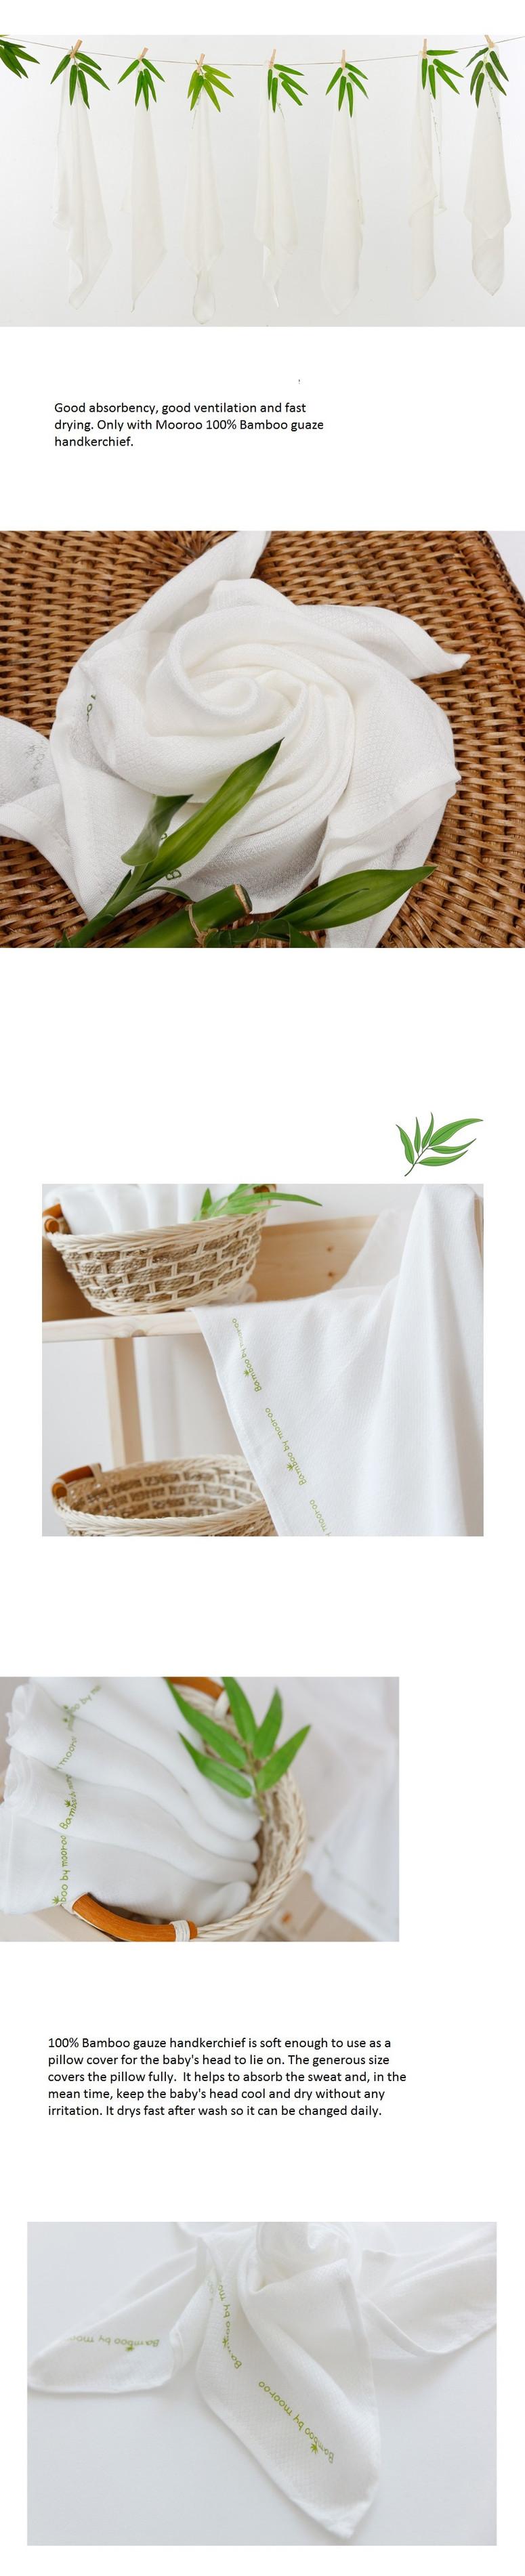 Bamboo Premium Handkerchief 1-2.jpg